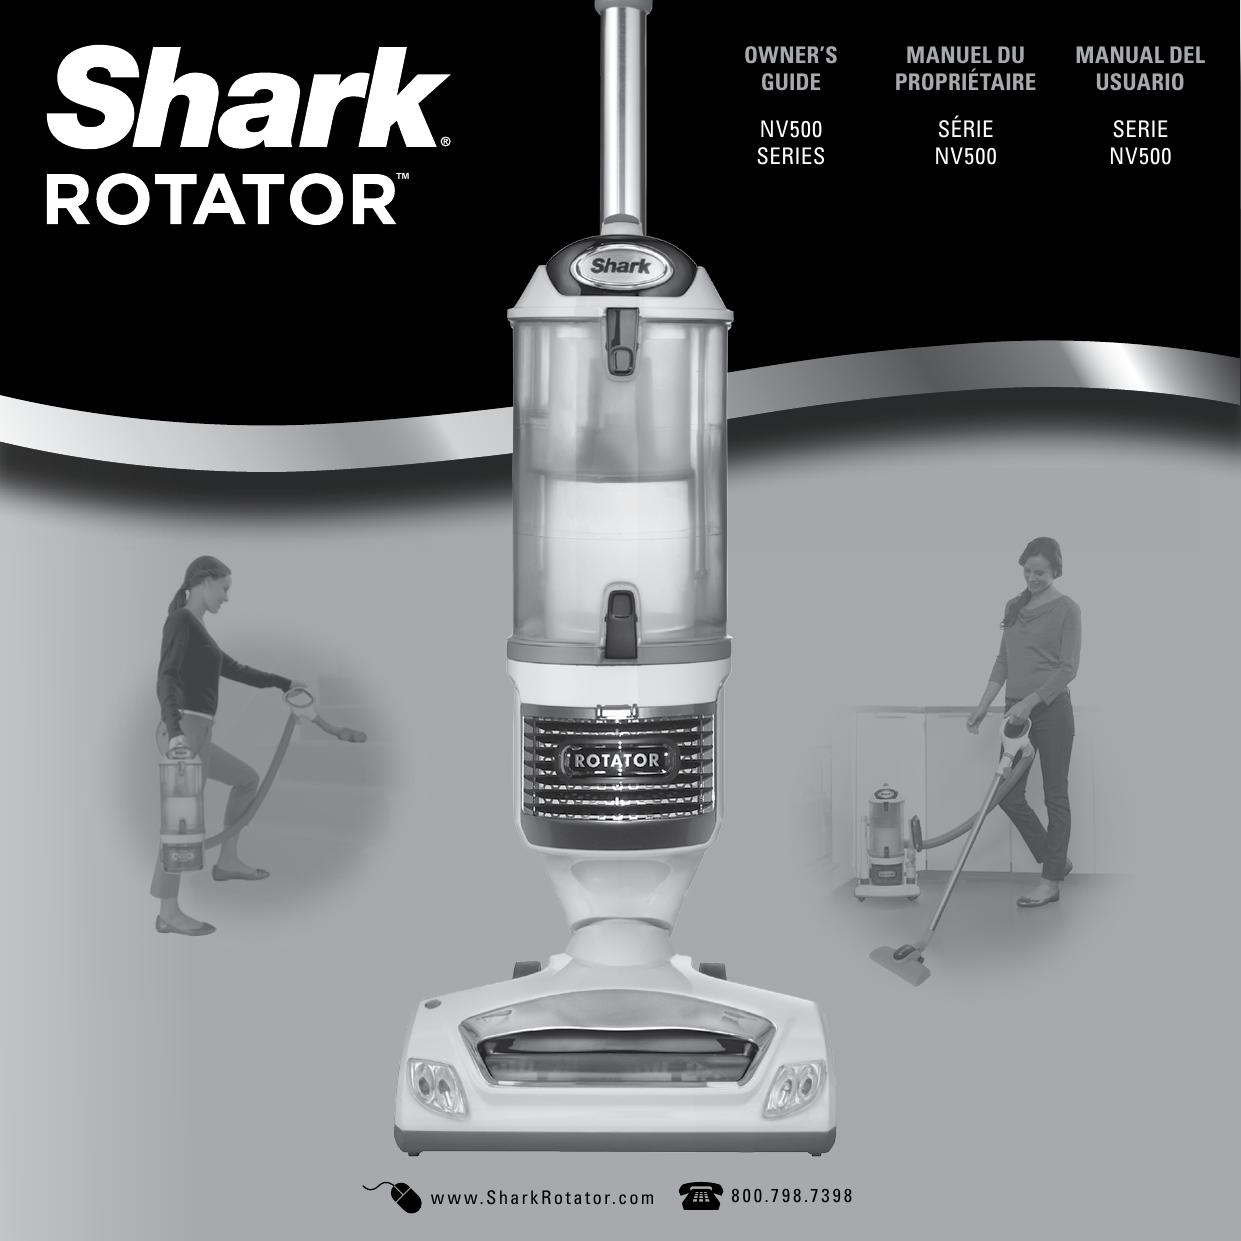 Shark Shark Rotator Professional Lift Away Manual Guide